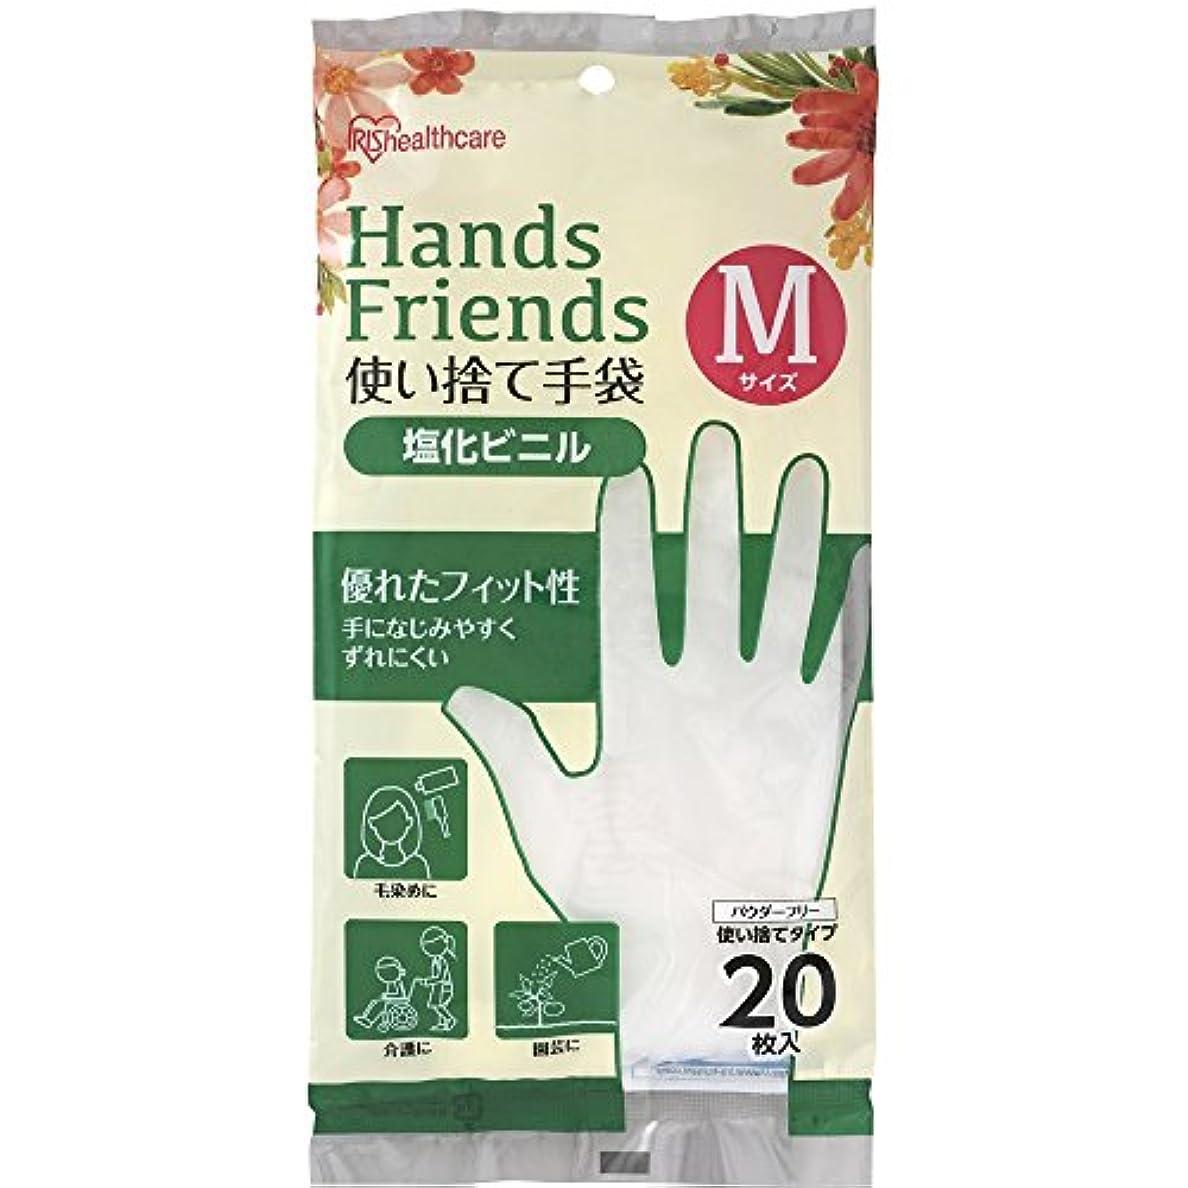 自己多くの危険がある状況提供使い捨て手袋 クリア 塩化ビニル 20枚 Mサイズ PVC-20M